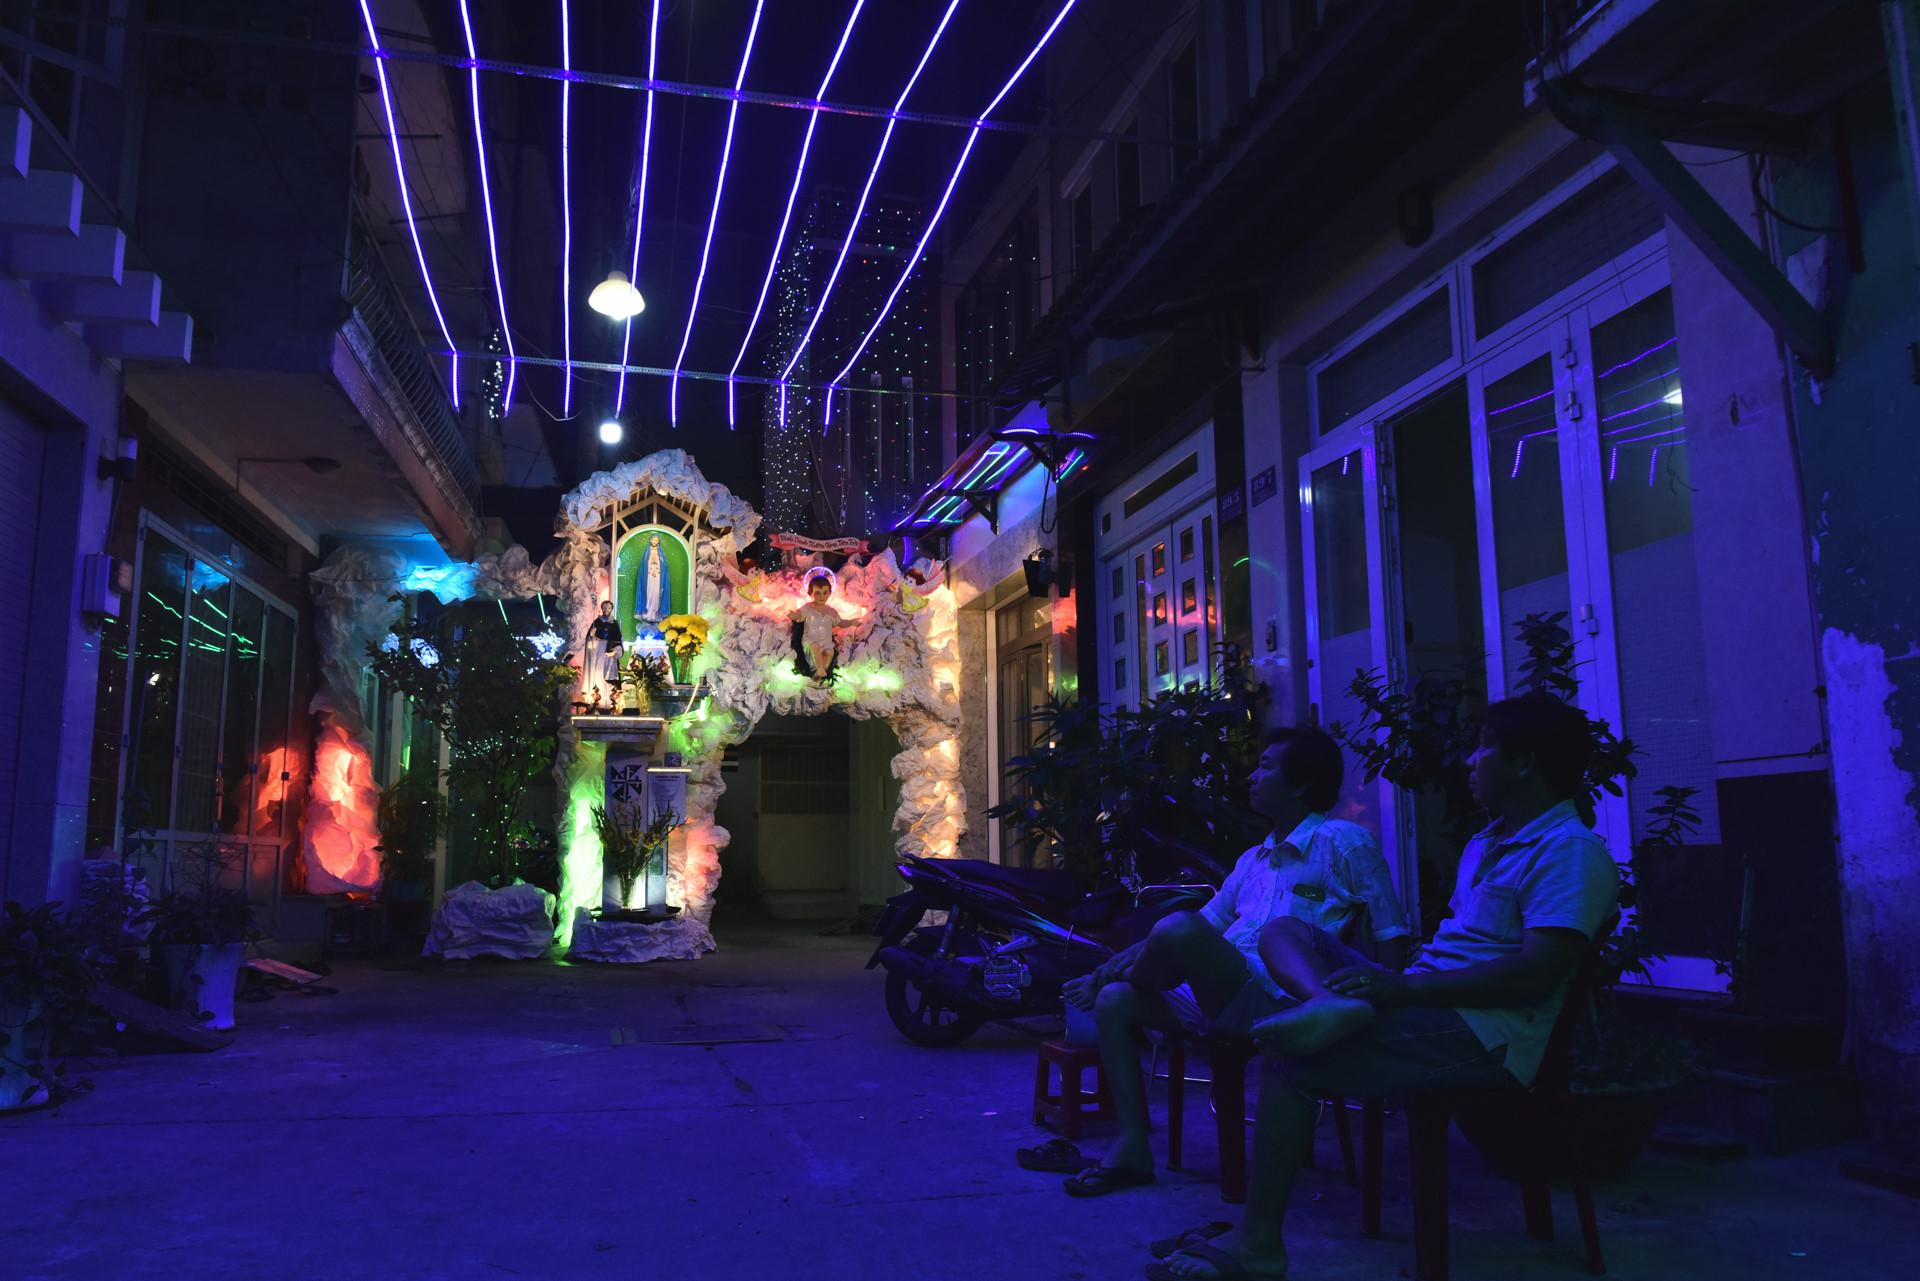 Có một giáng sinh lặng lẽ trong những con hẻm Sài Gòn Ảnh 6